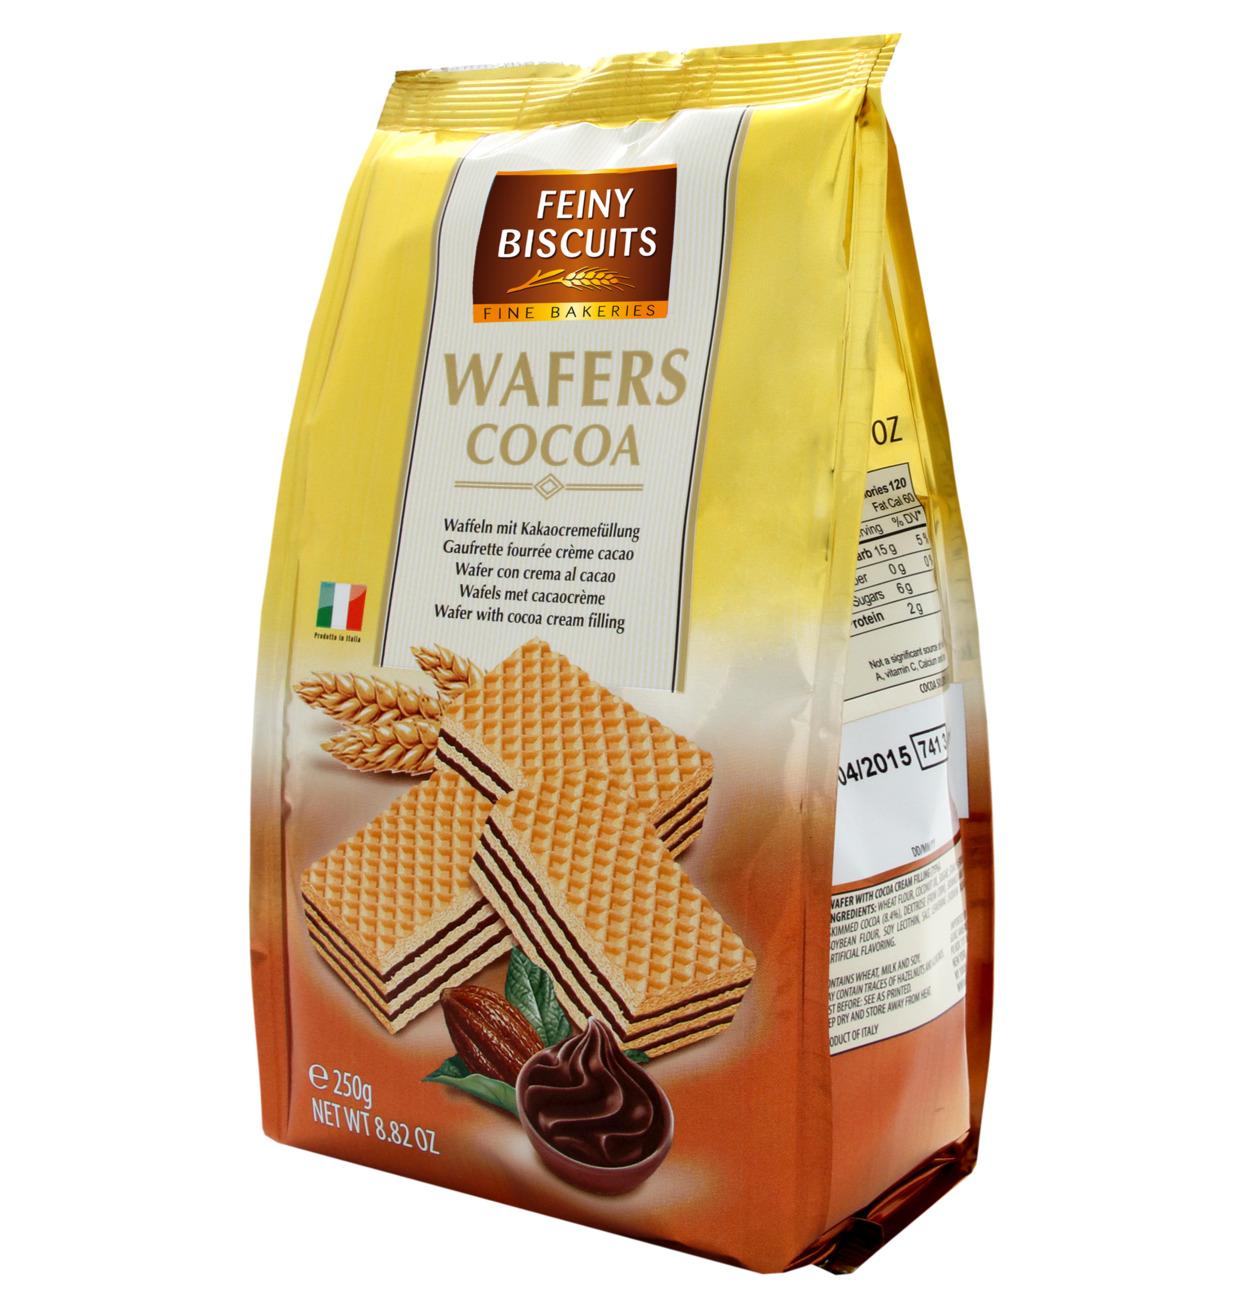 Waffeln mit Kakaocremefüllung